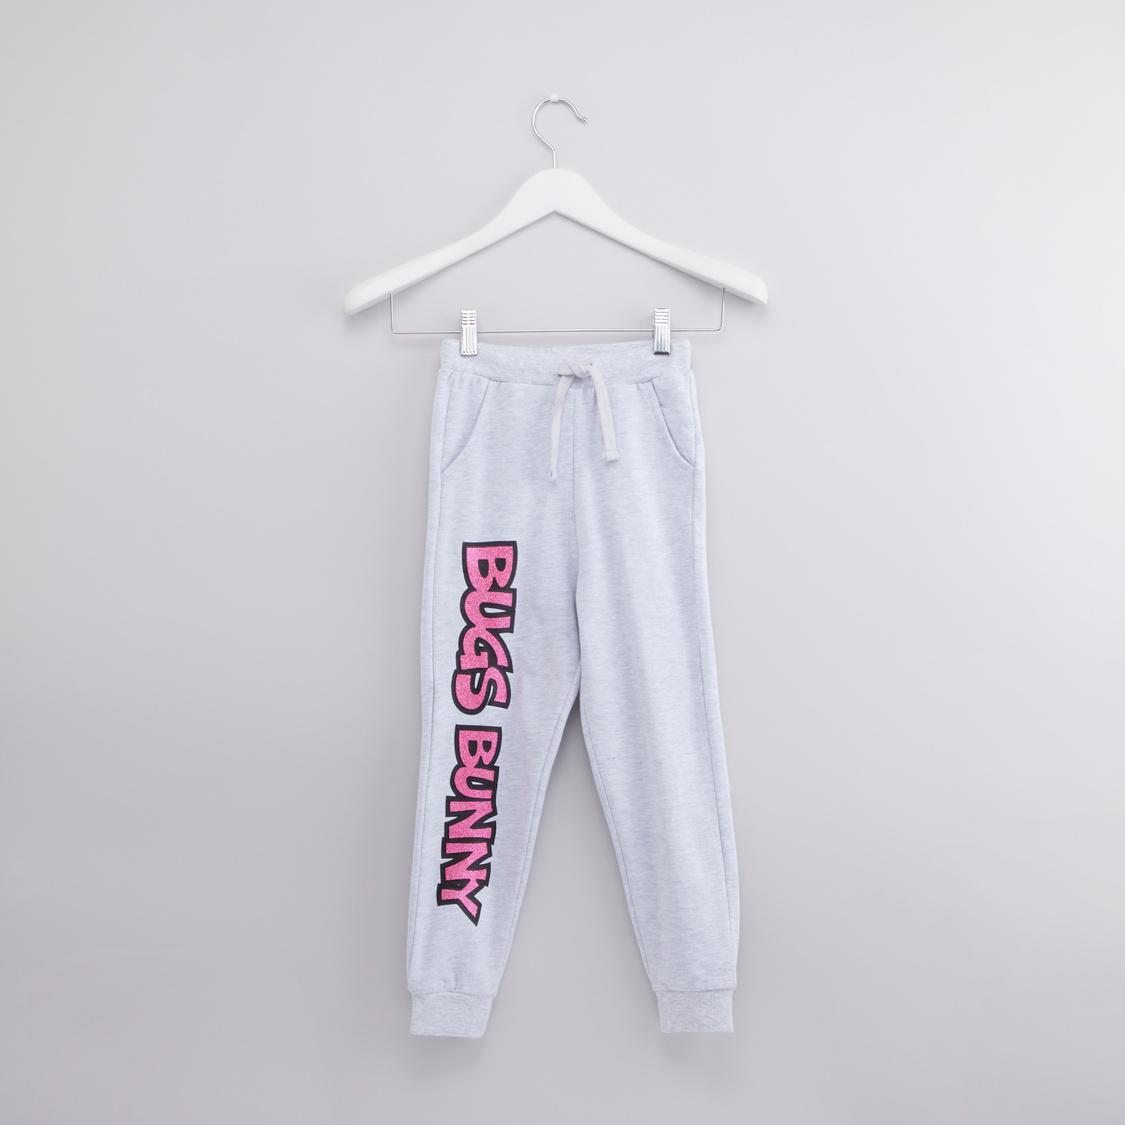 Bugs Bunny Printed Round Neck Sweatshirt with Jog Pants